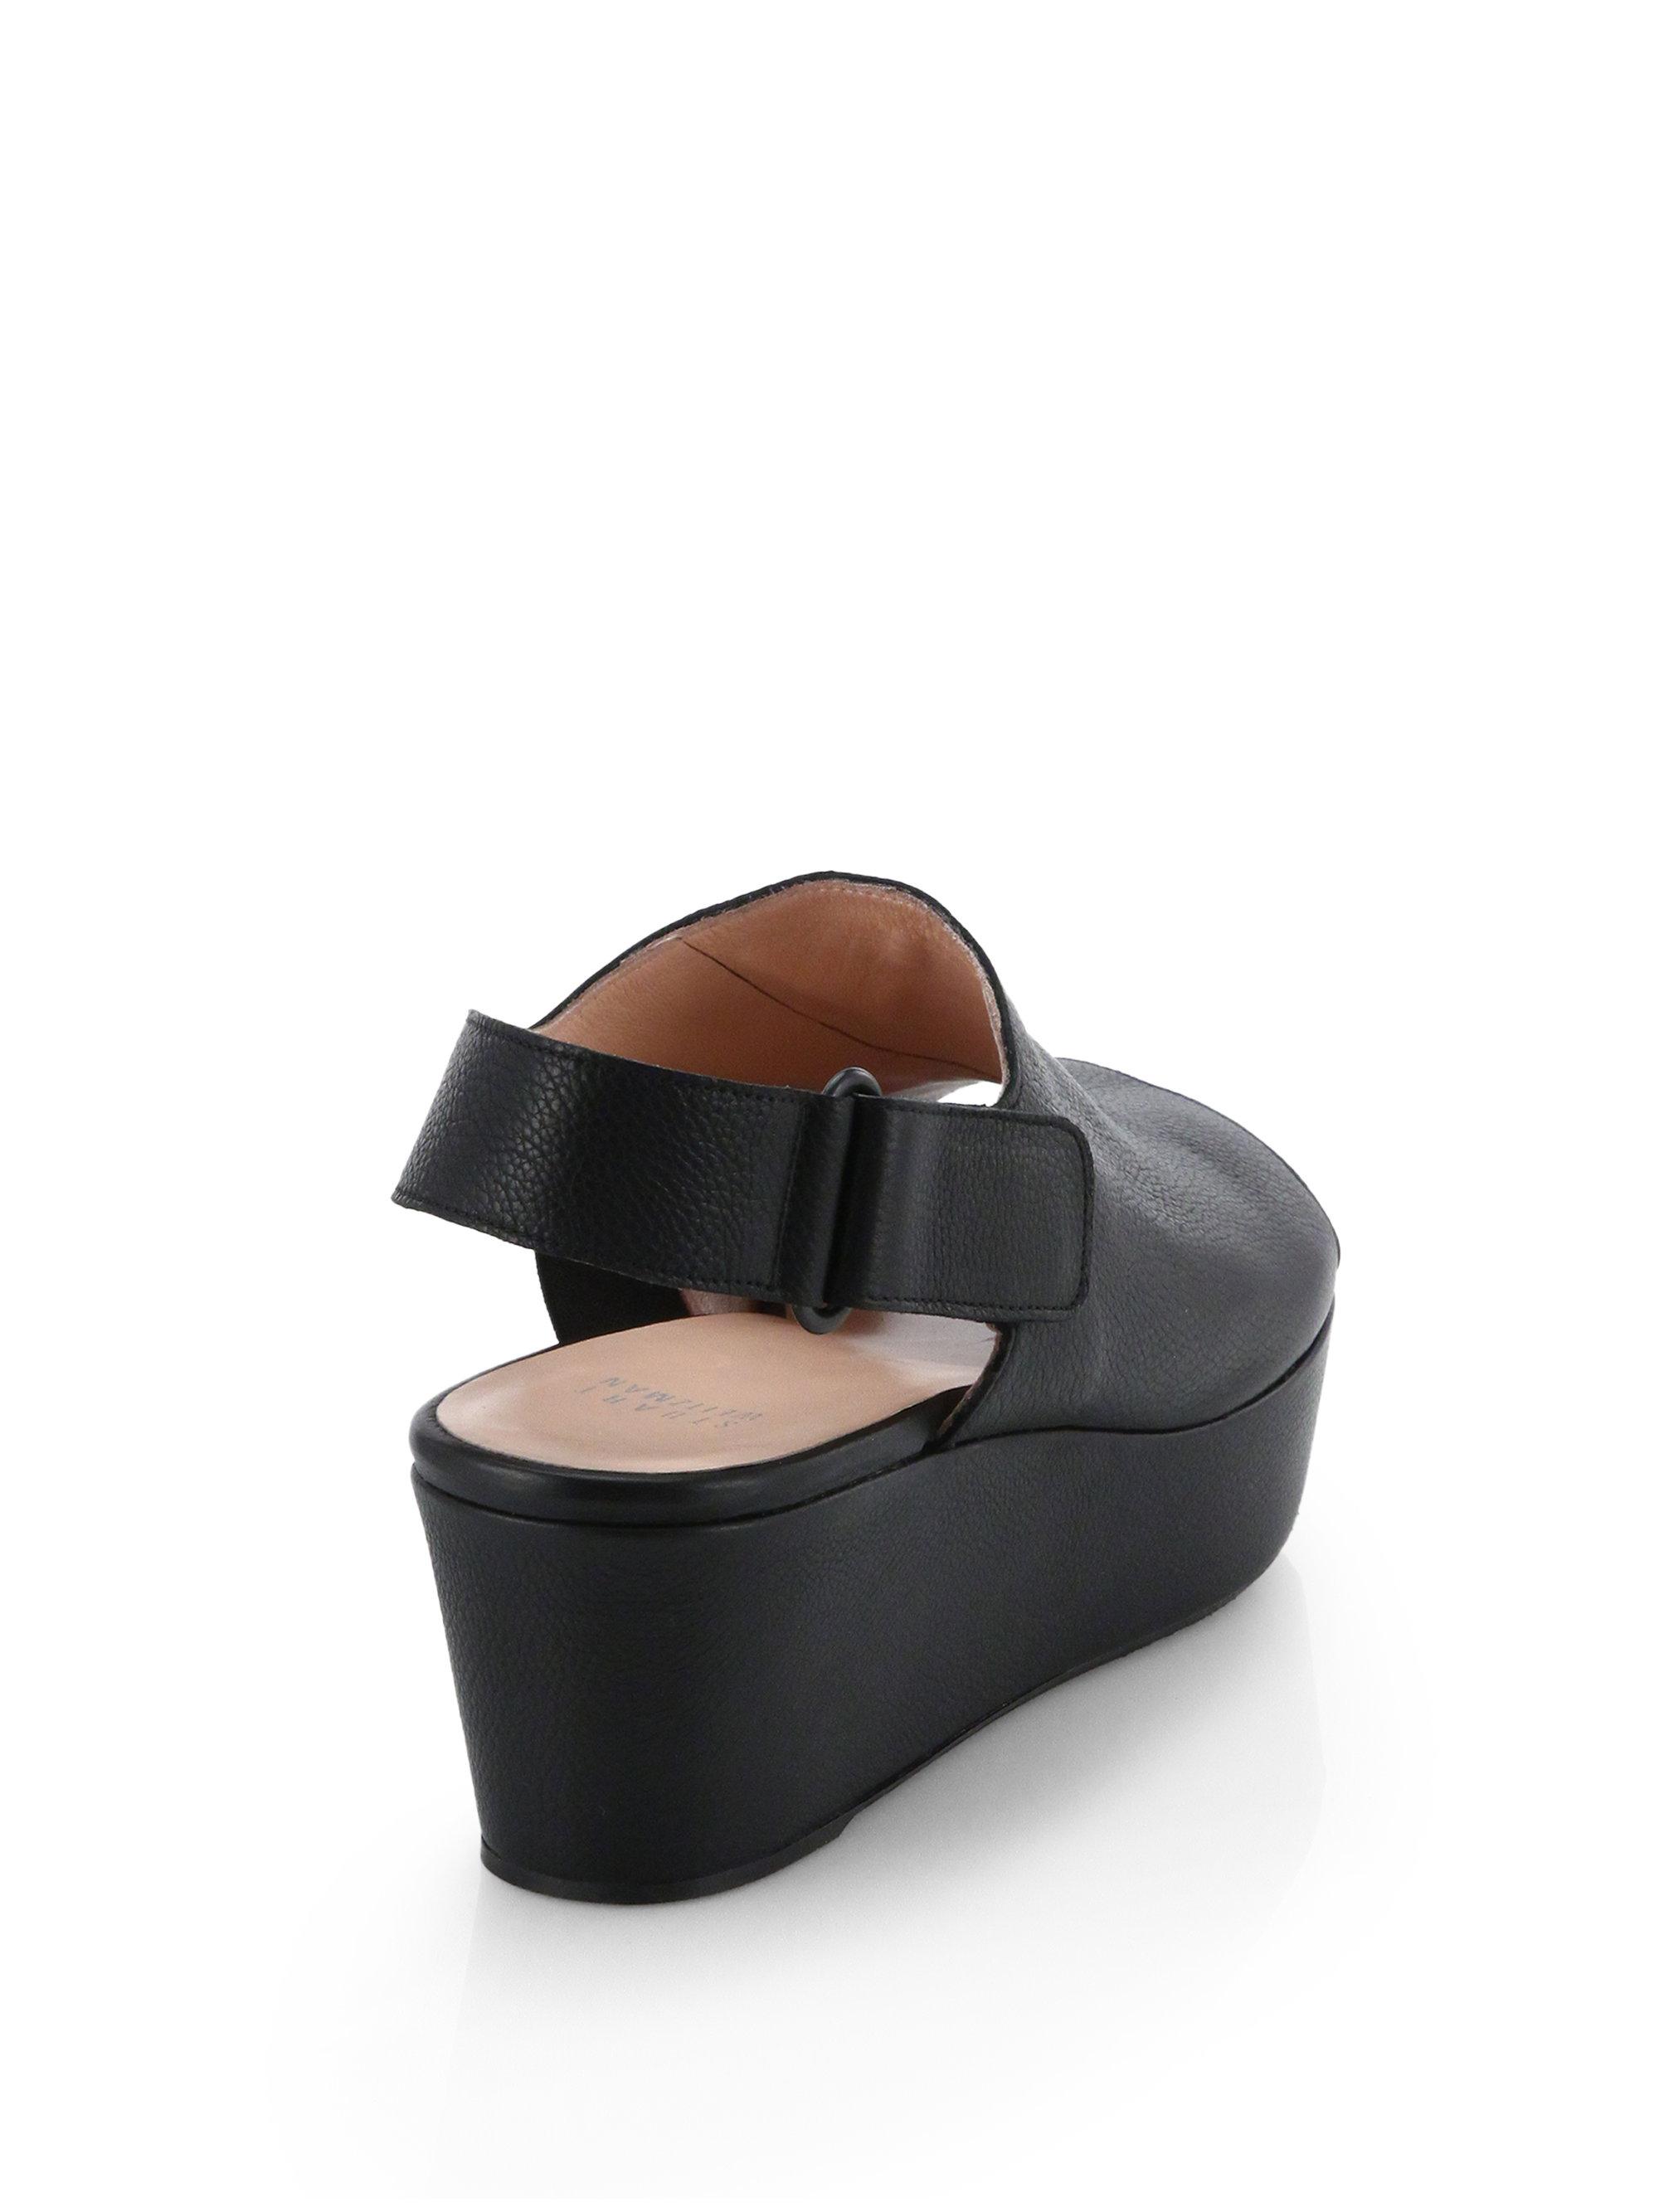 Stuart Weitzman Exhale Platform Sandal lxmvPu